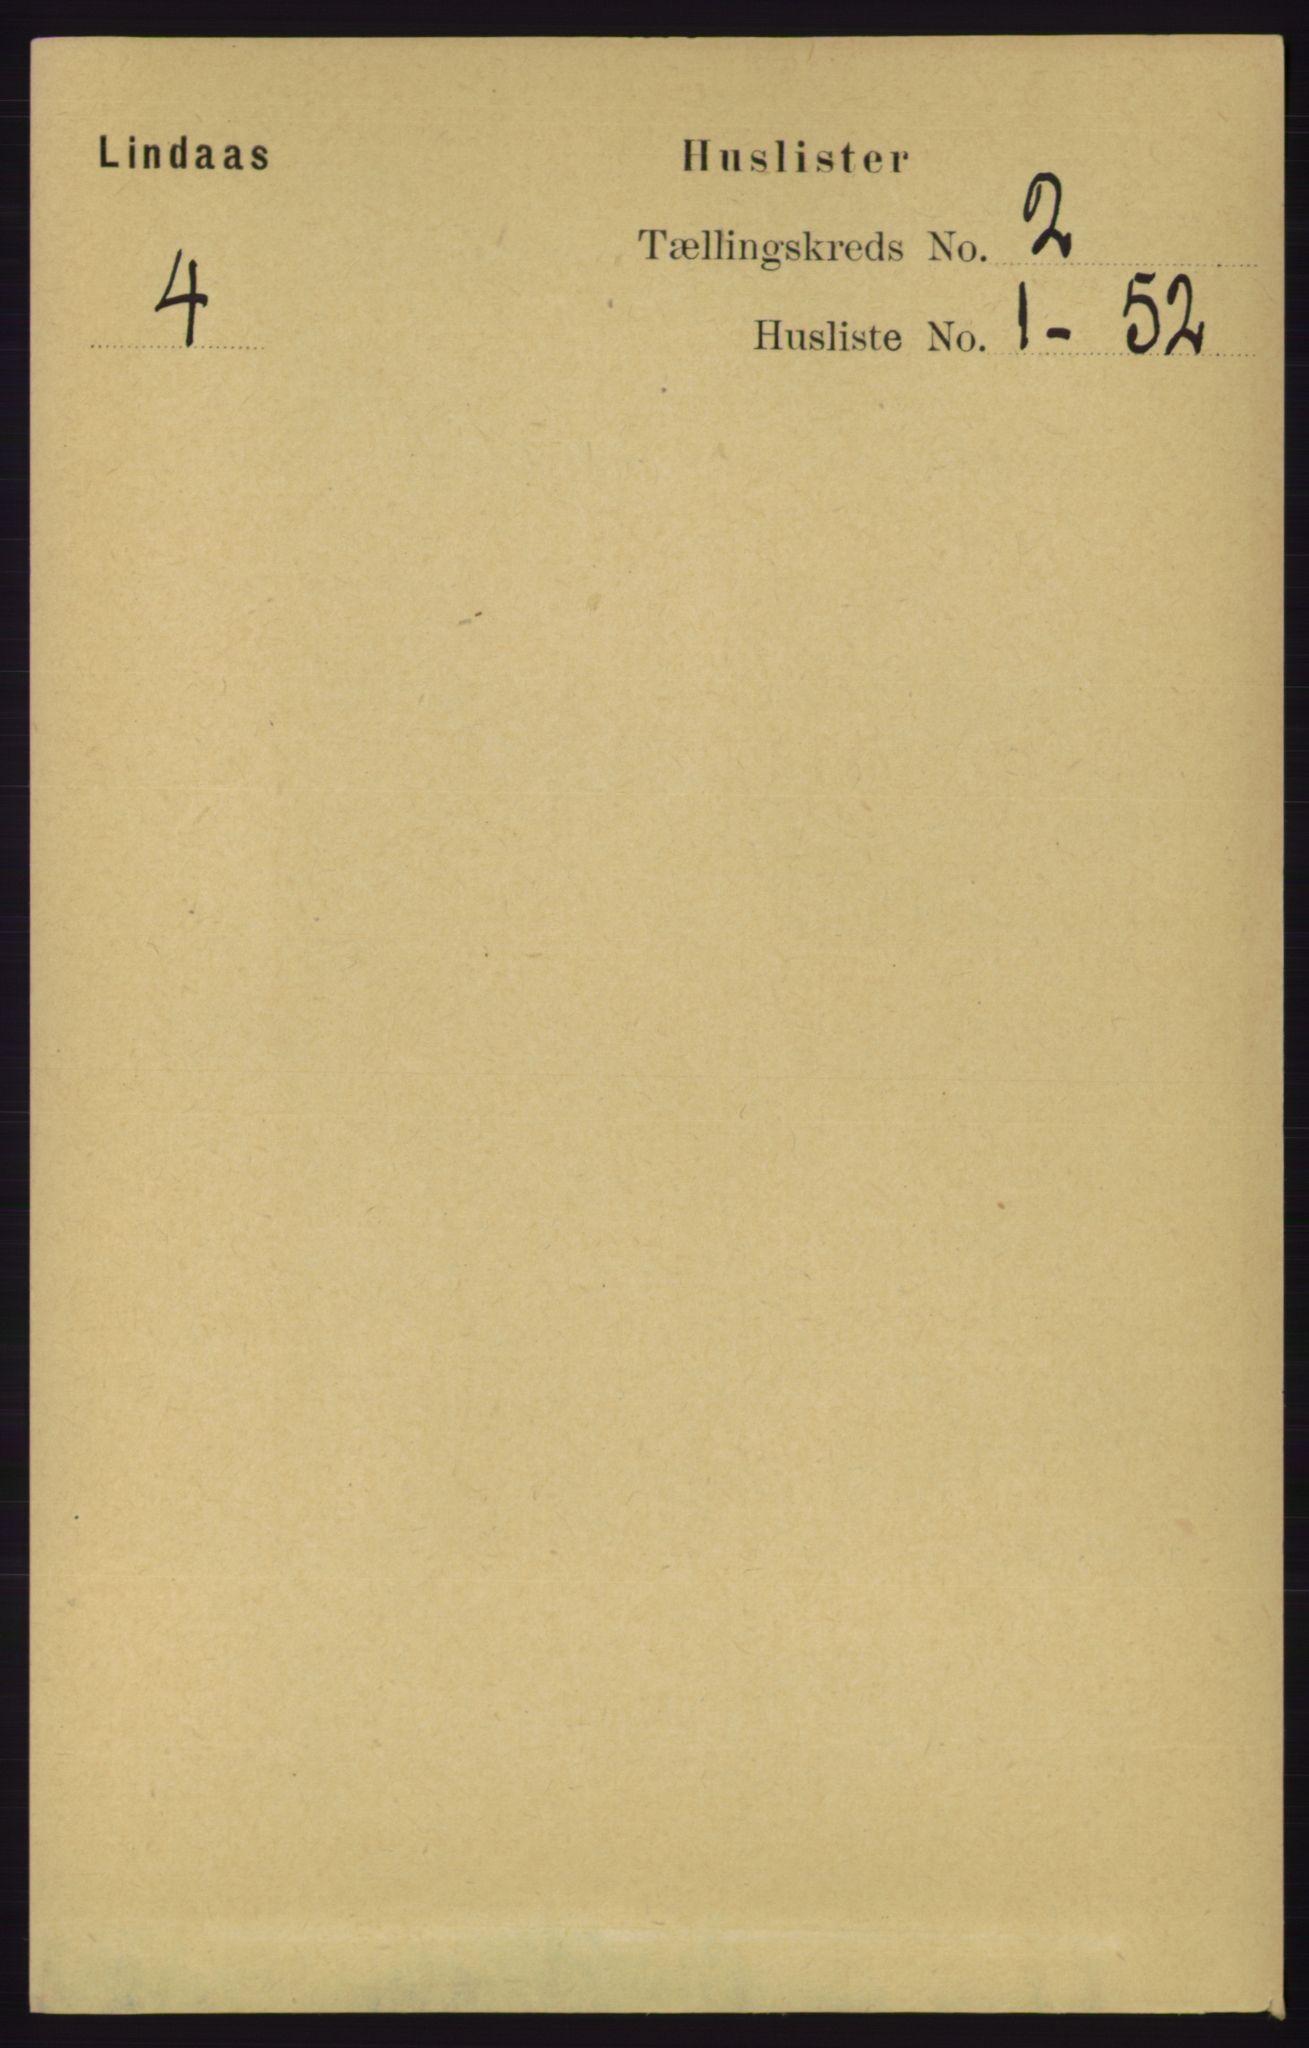 RA, Folketelling 1891 for 1263 Lindås herred, 1891, s. 374